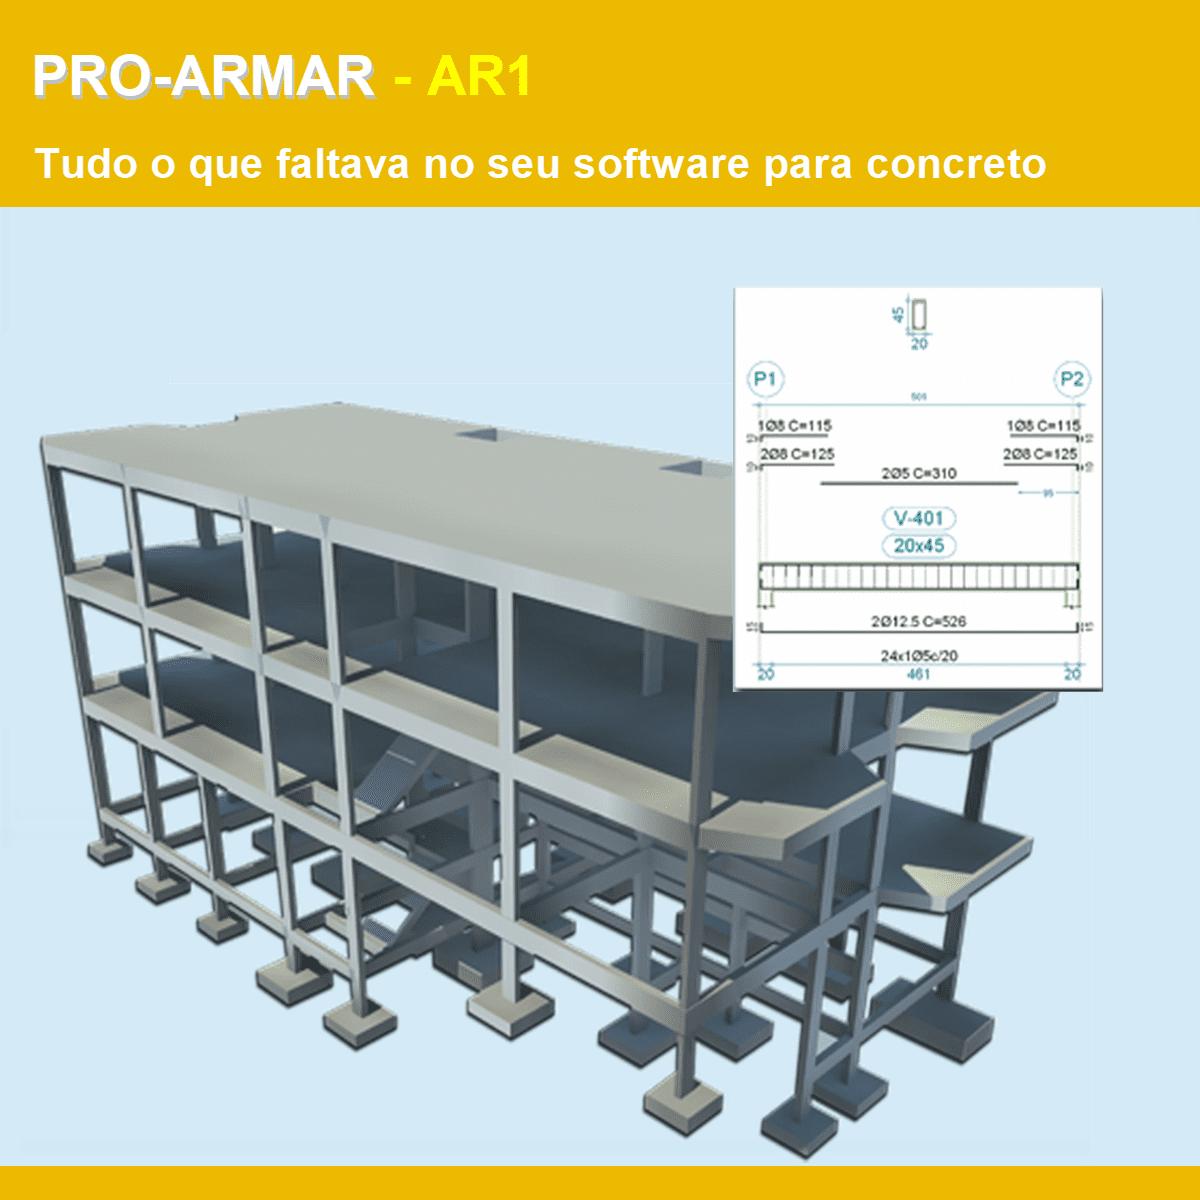 Software PRO-Armar PLUS versão 18 Pacote AR1 incluindo Editor Inteligente de Formas e Armaduras, Detalhamento Paramétrico e Revisor de Pranchas